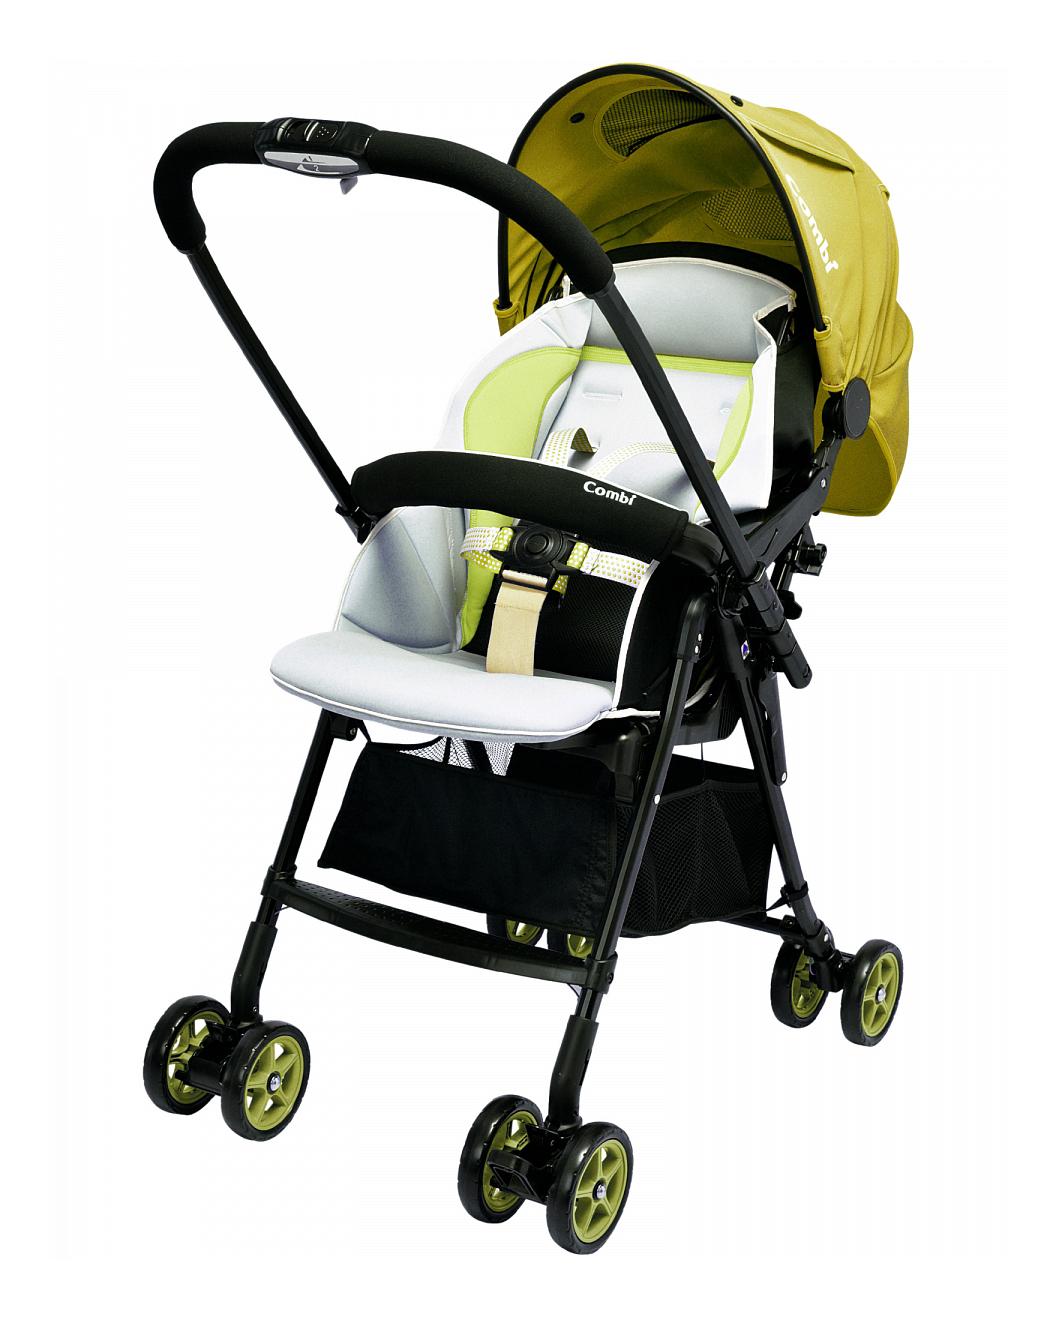 Купить Прогулочная коляска Combi Well Comfort зеленая, Коляски книжки